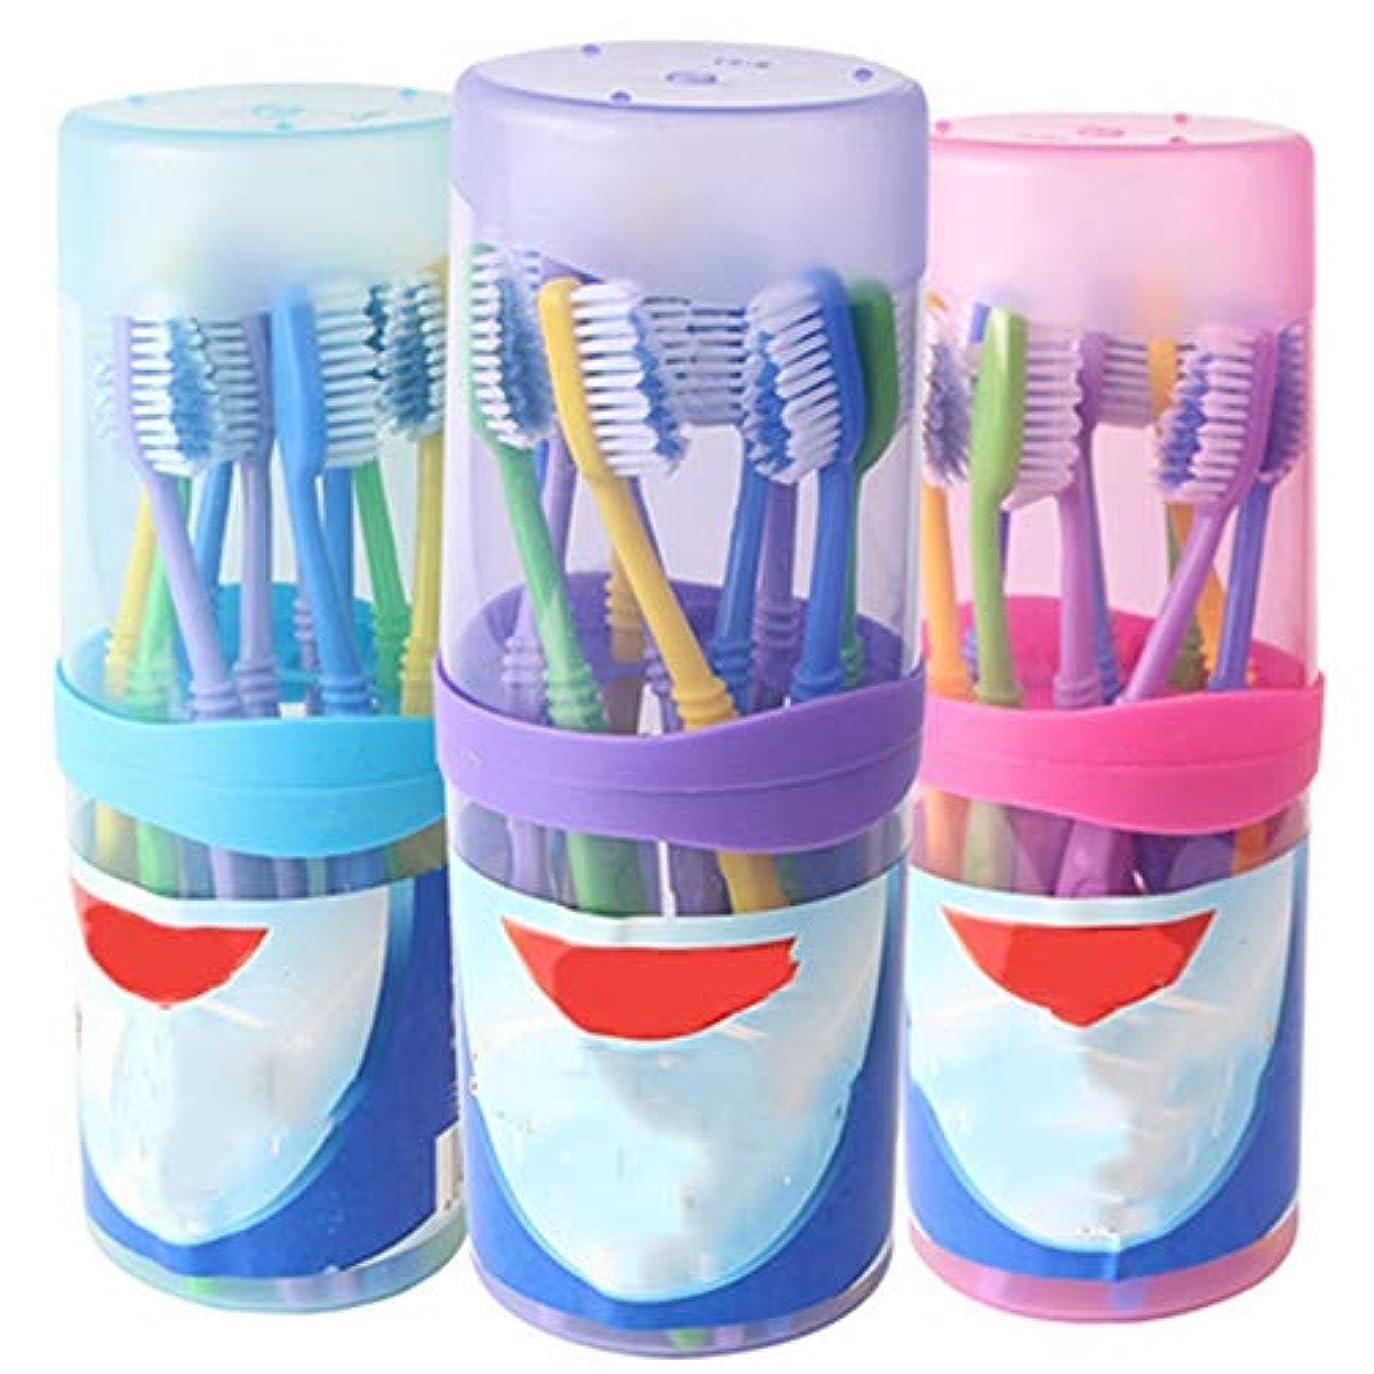 しおれた主権者木曜日歯ブラシ 30本の歯ブラシ、バルク大人歯ブラシ、歯茎のためのクリーンタルタルとケア - 使用可能なスタイルの2種類 HL (色 : A, サイズ : 30 packs)